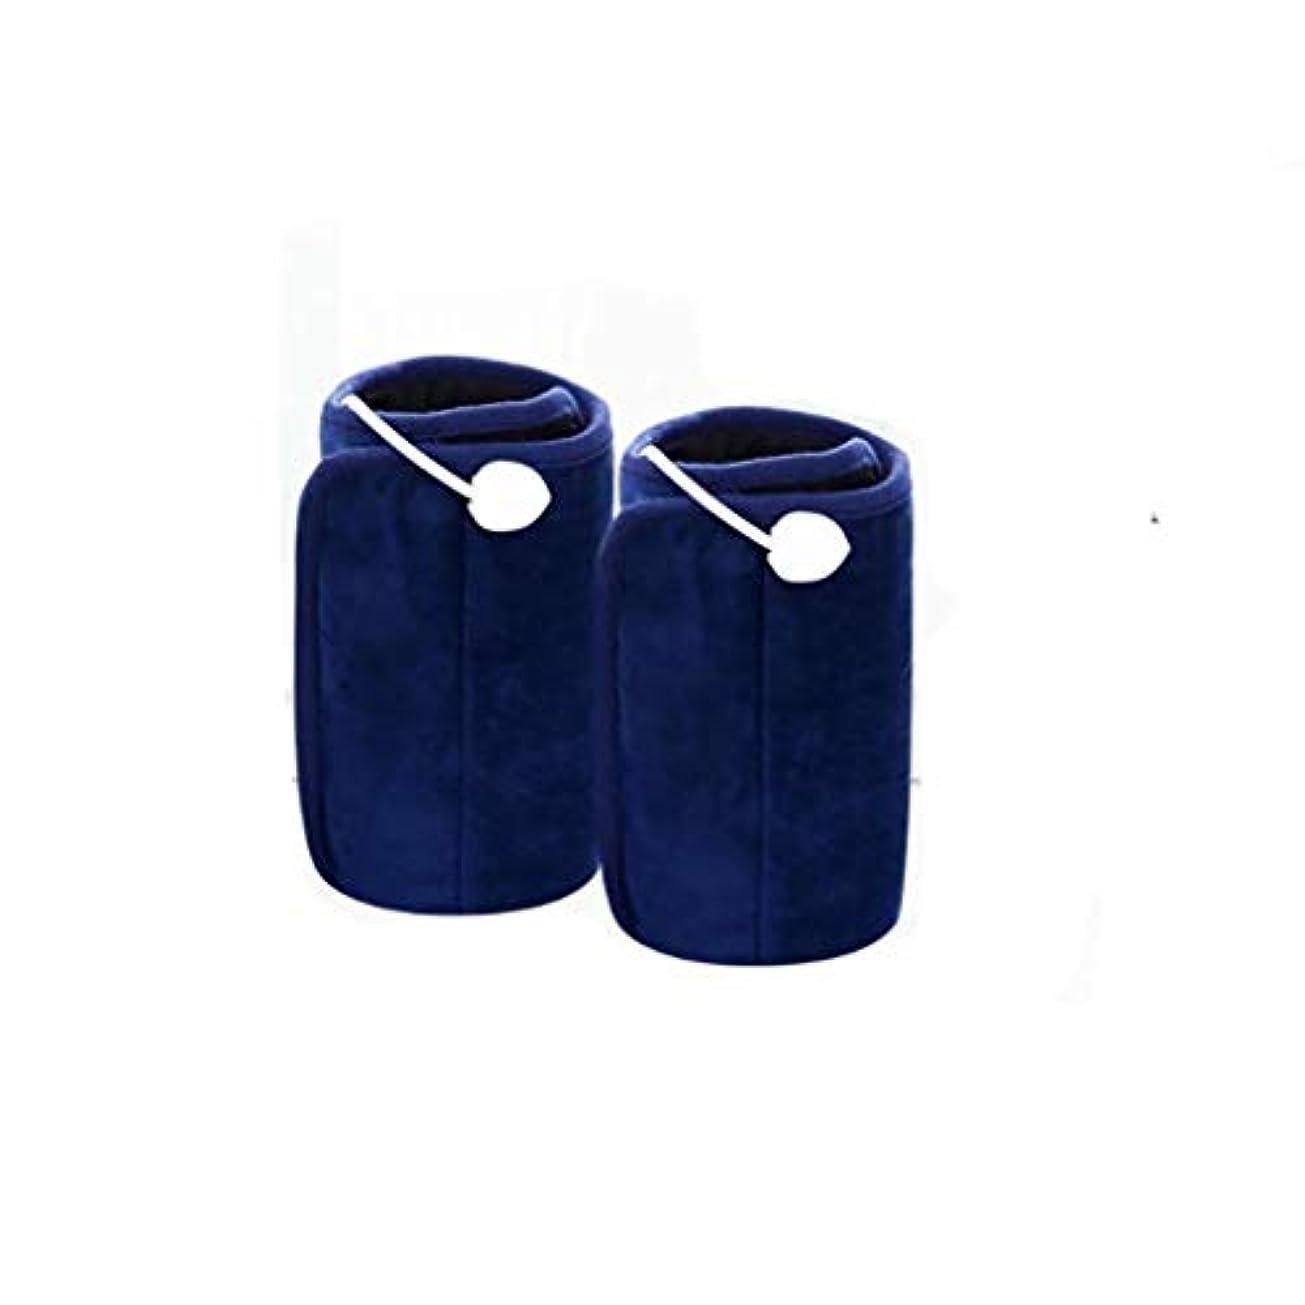 十年葉巻新聞電気膝パッド、温かい古い膝、携帯式膝加熱、360°oxi温かい家庭用スマート温度調整